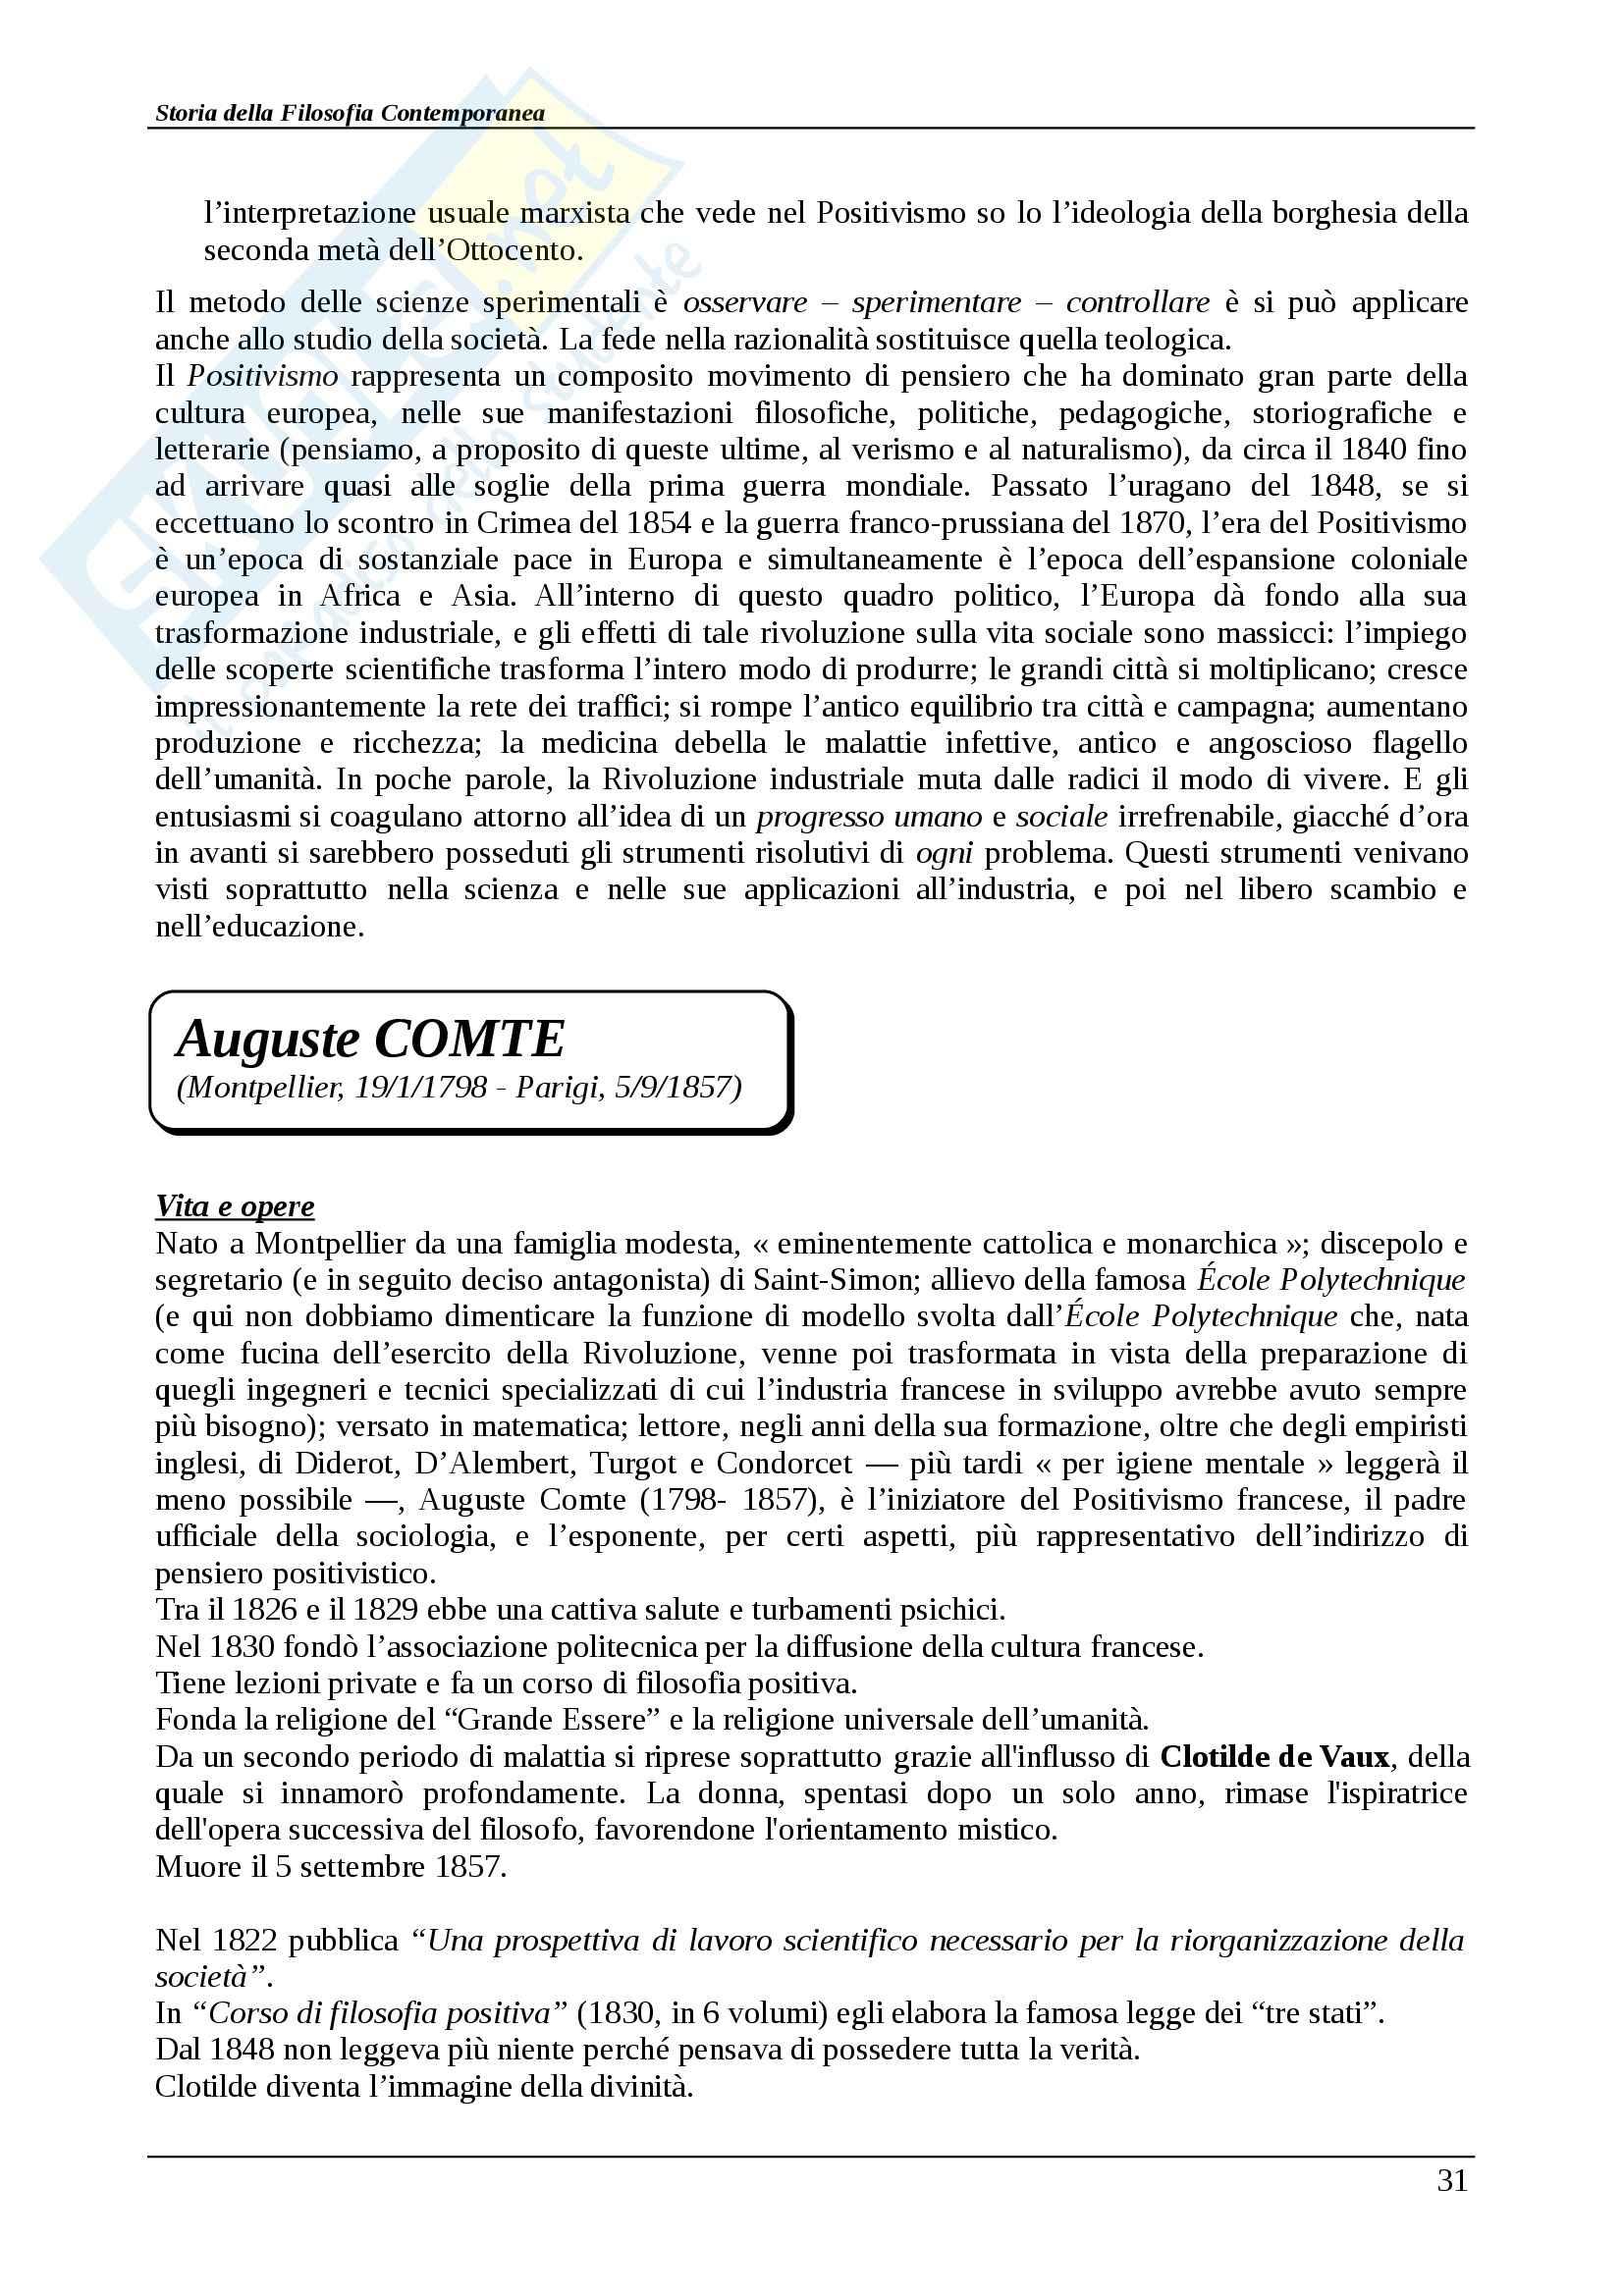 Riassunto esame Storia della filosofia contemporanea, Storia della filosofia contemporanea, Abbagnano/Fornero, prof. Scaria Pag. 31